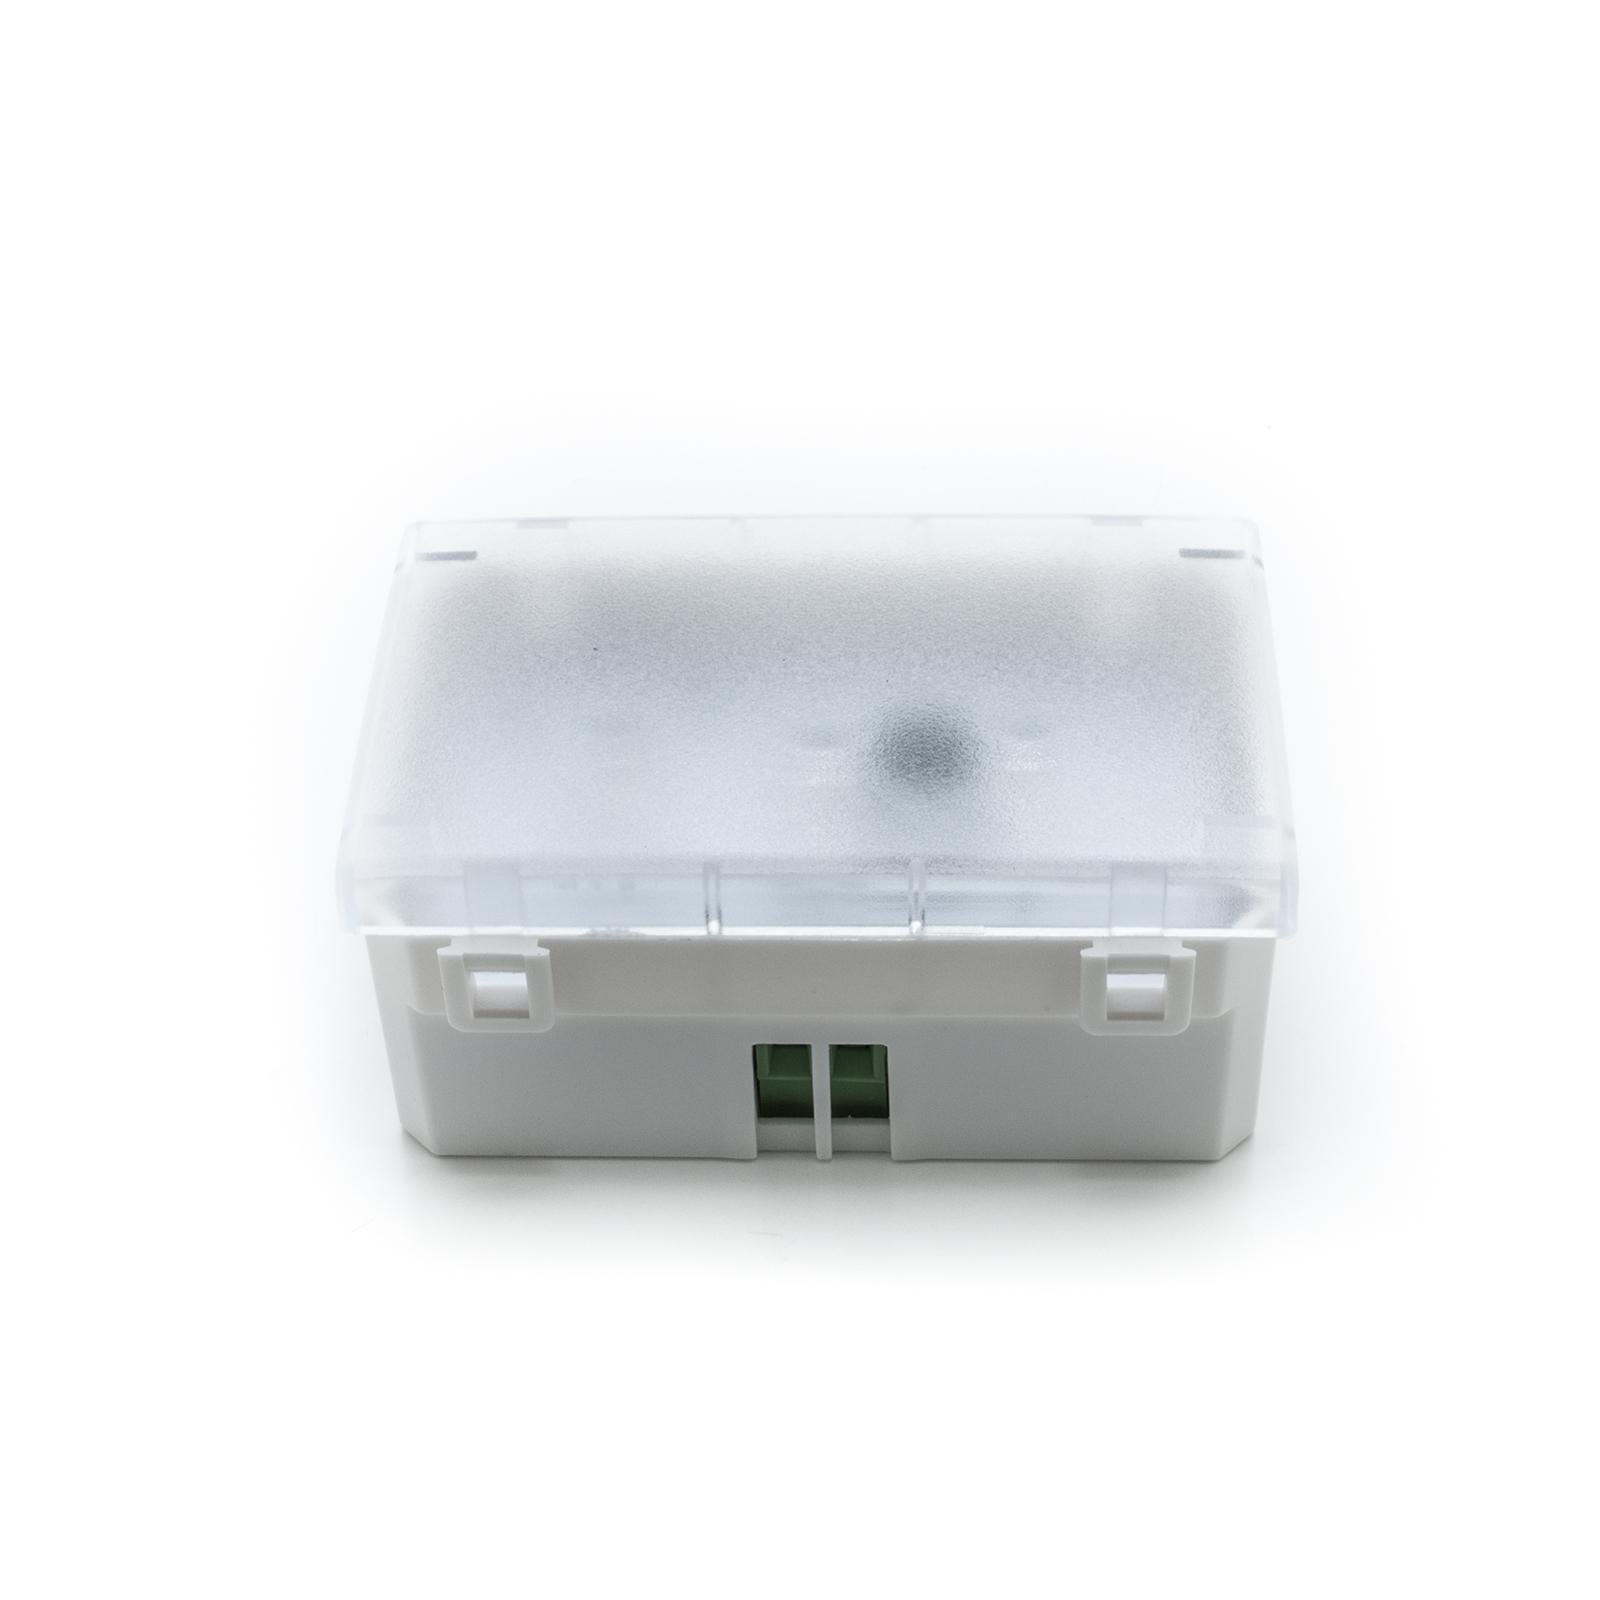 Luce Segnapasso Con Sensore.Dettagli Su Segnapasso Led 503 Compatibile Serie Matix Sensore Suono Segna Passo Passi Luce